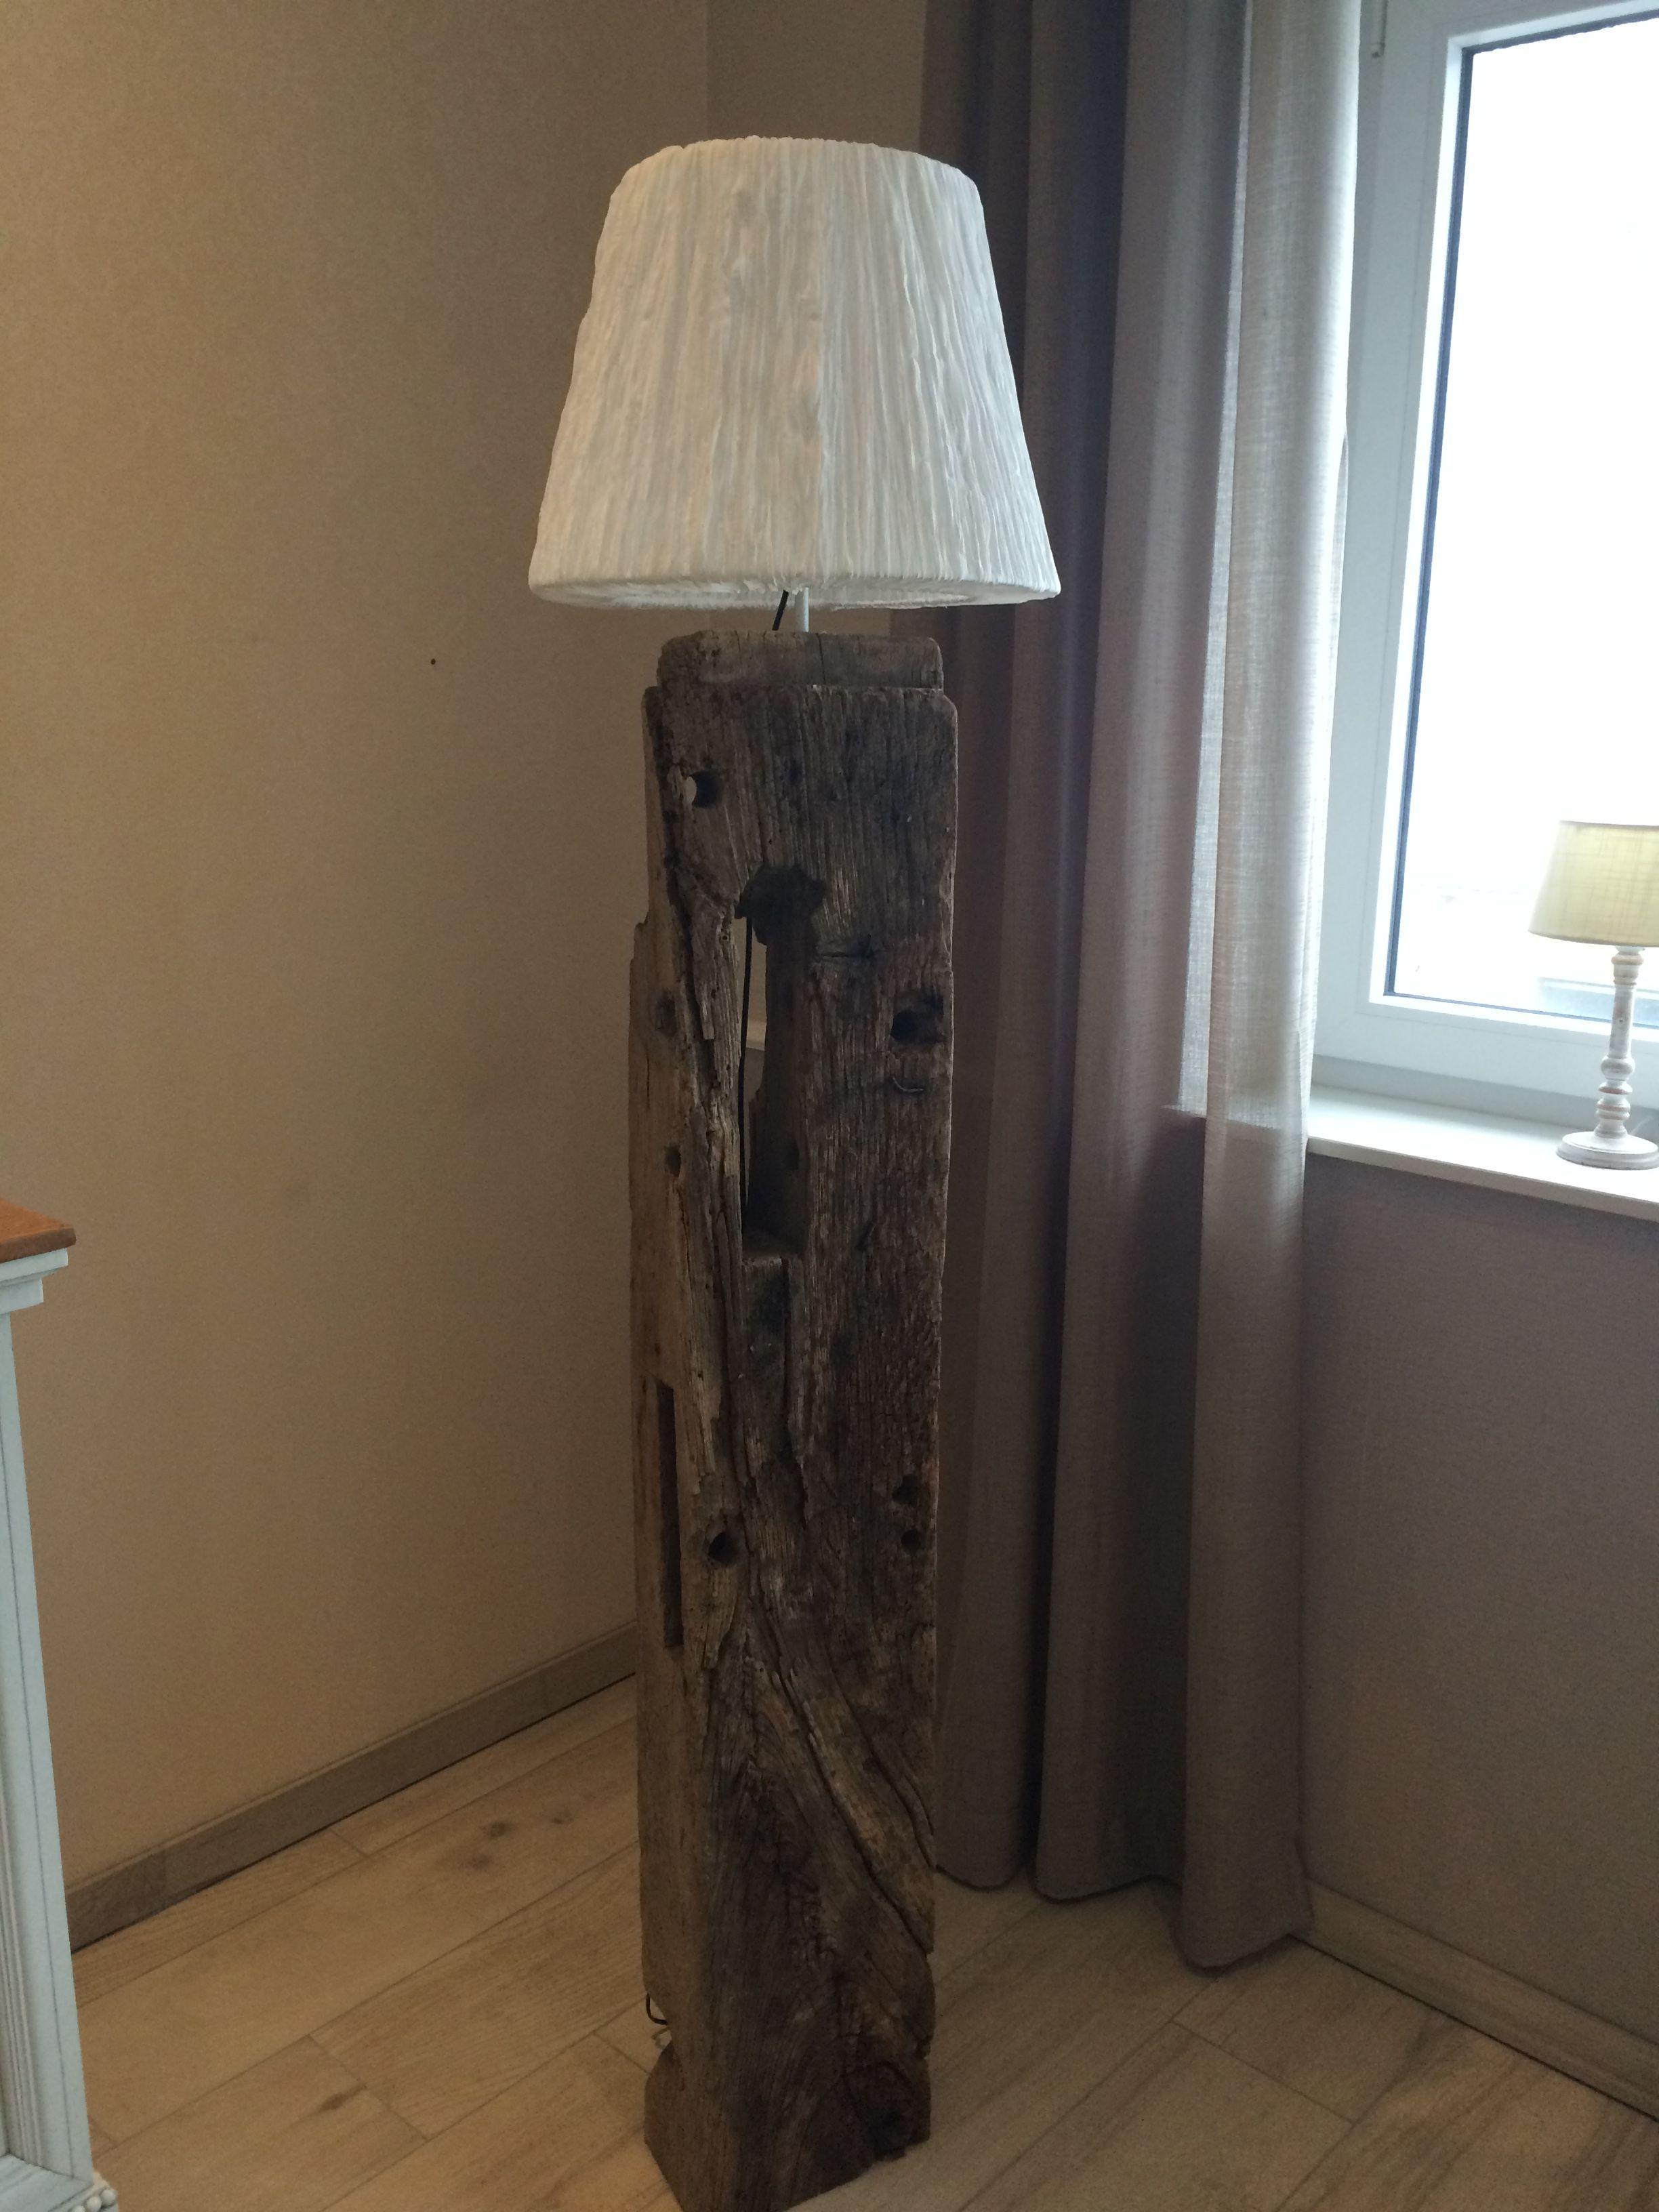 Stehlampe Aus Alten Fachwerk Selbst Gebaut Fachwerk Lampen